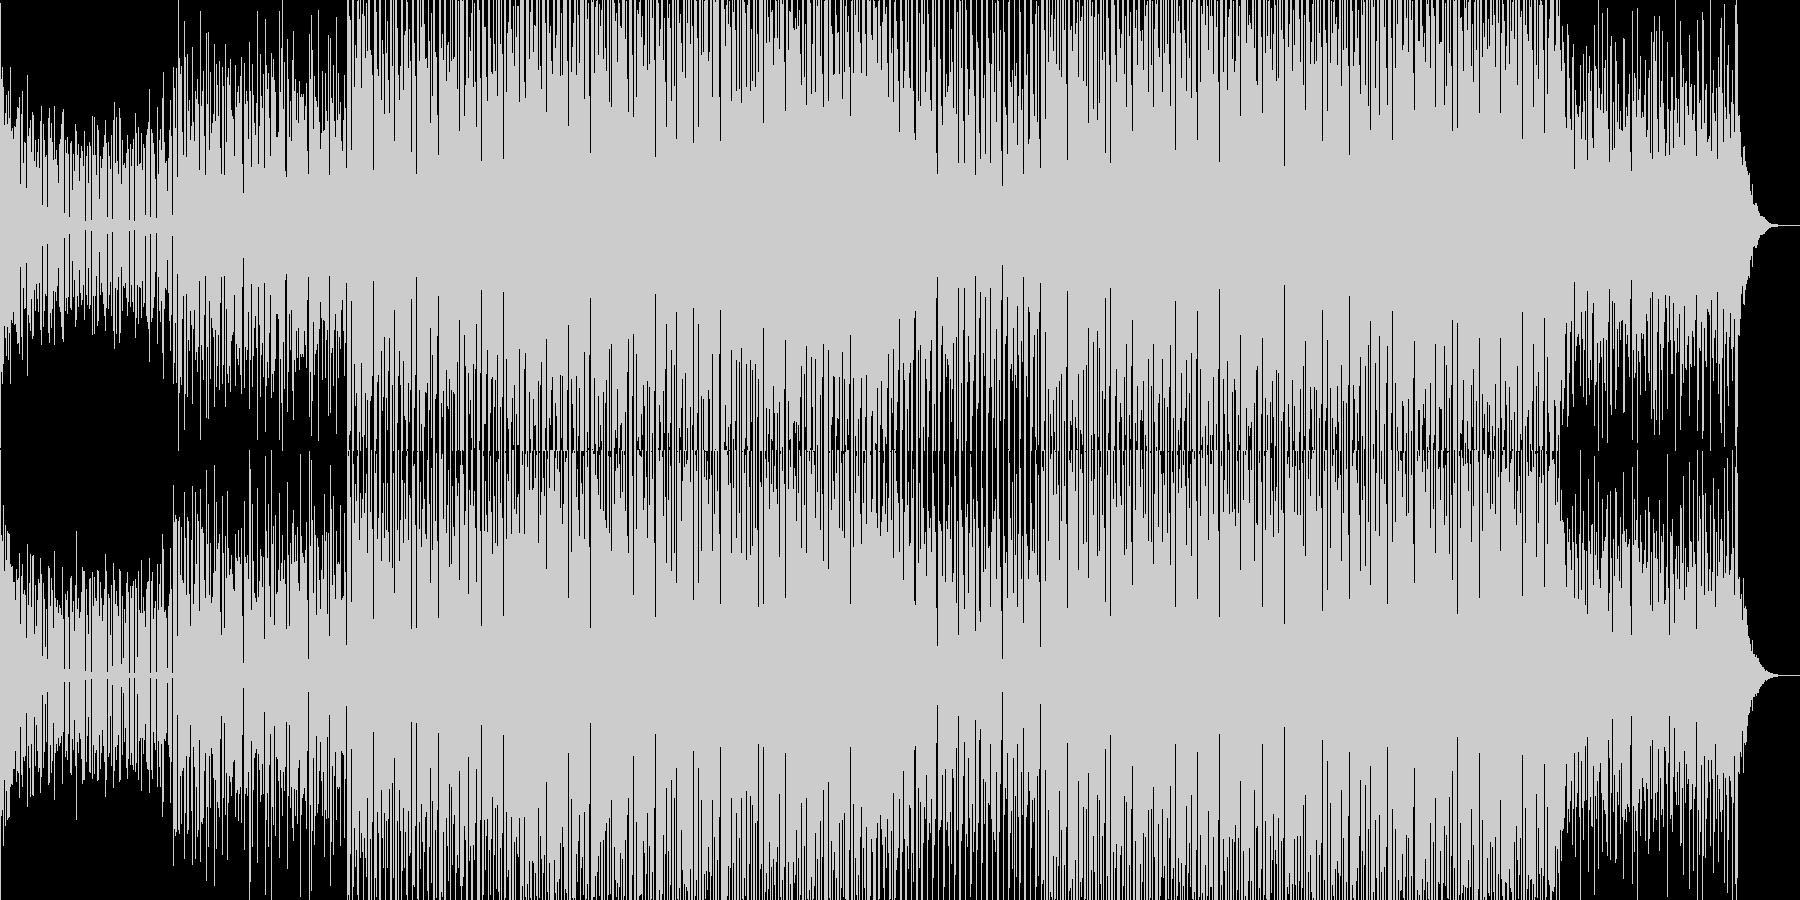 EDMクラブ系ダンスミュージック-25の未再生の波形